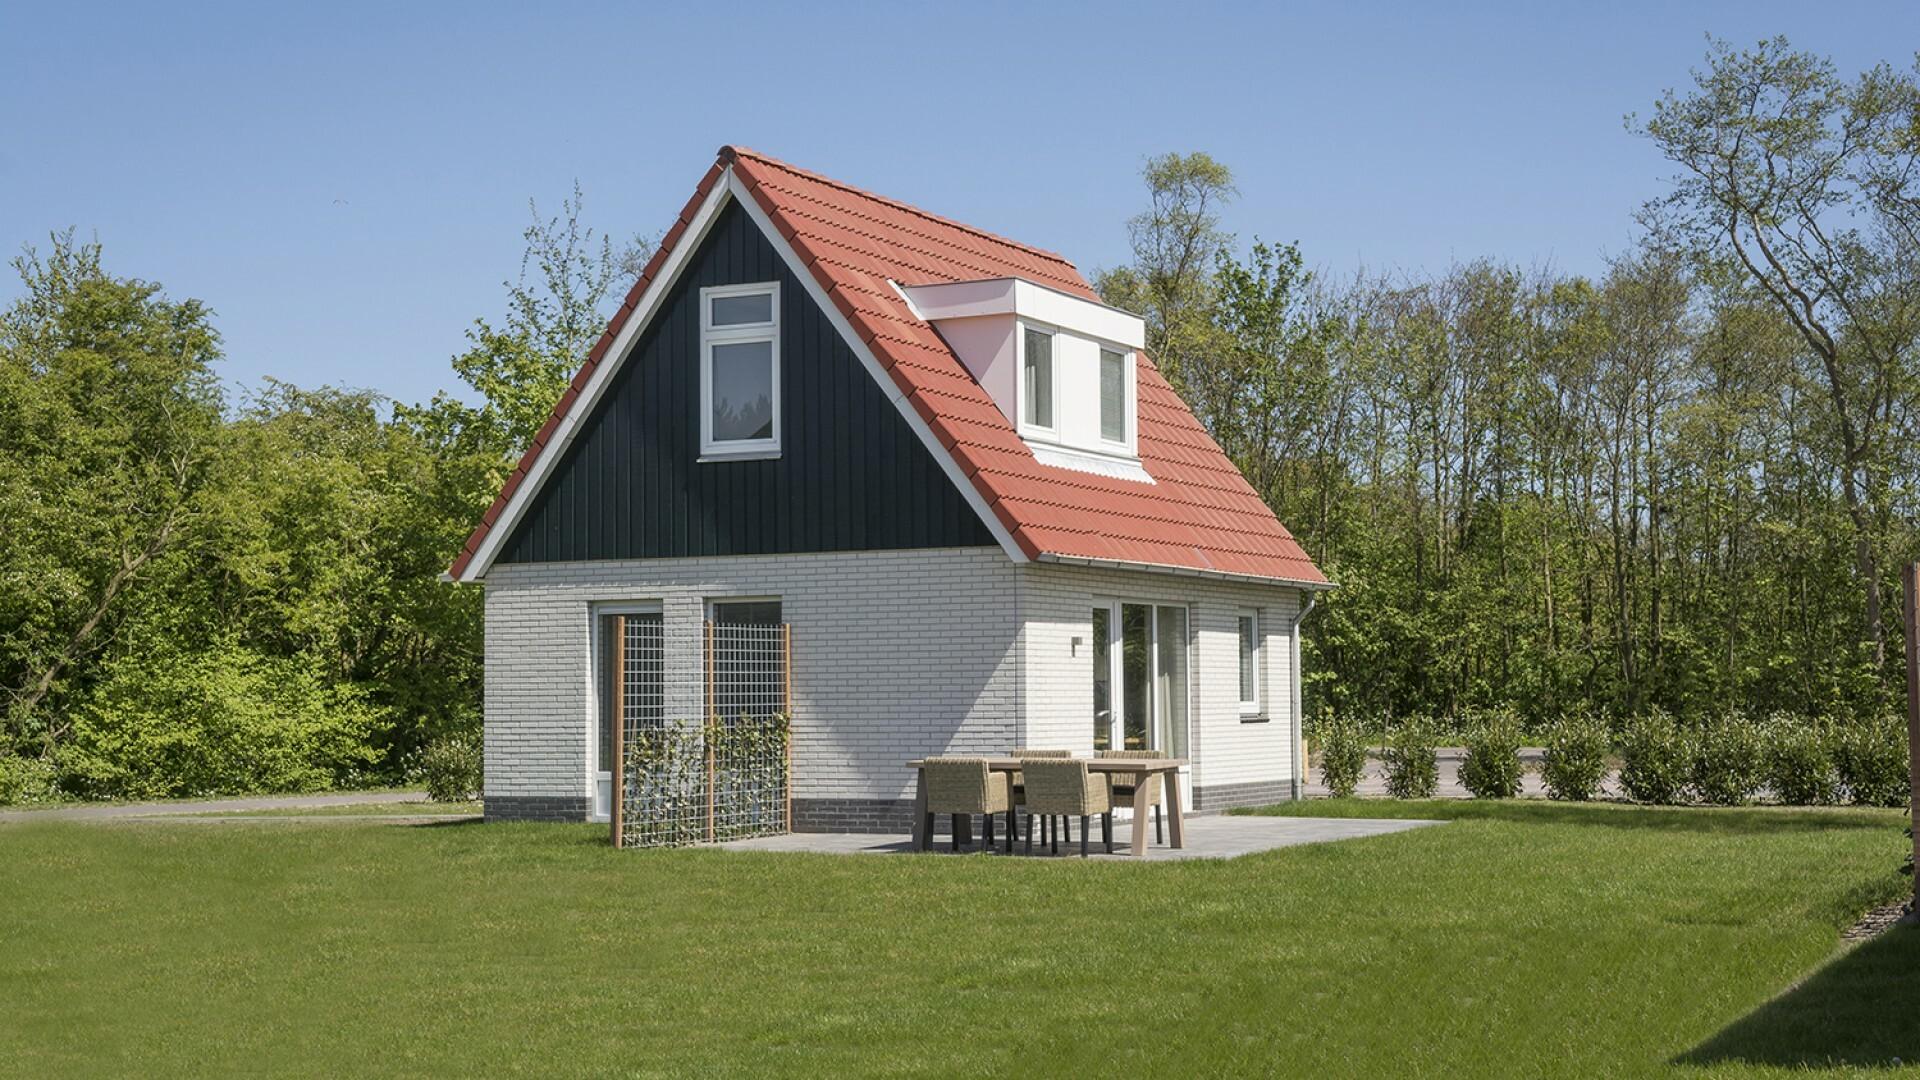 Vakantiehuis E 23 bij Bouwlust in De Cocksdorp VVV Texel